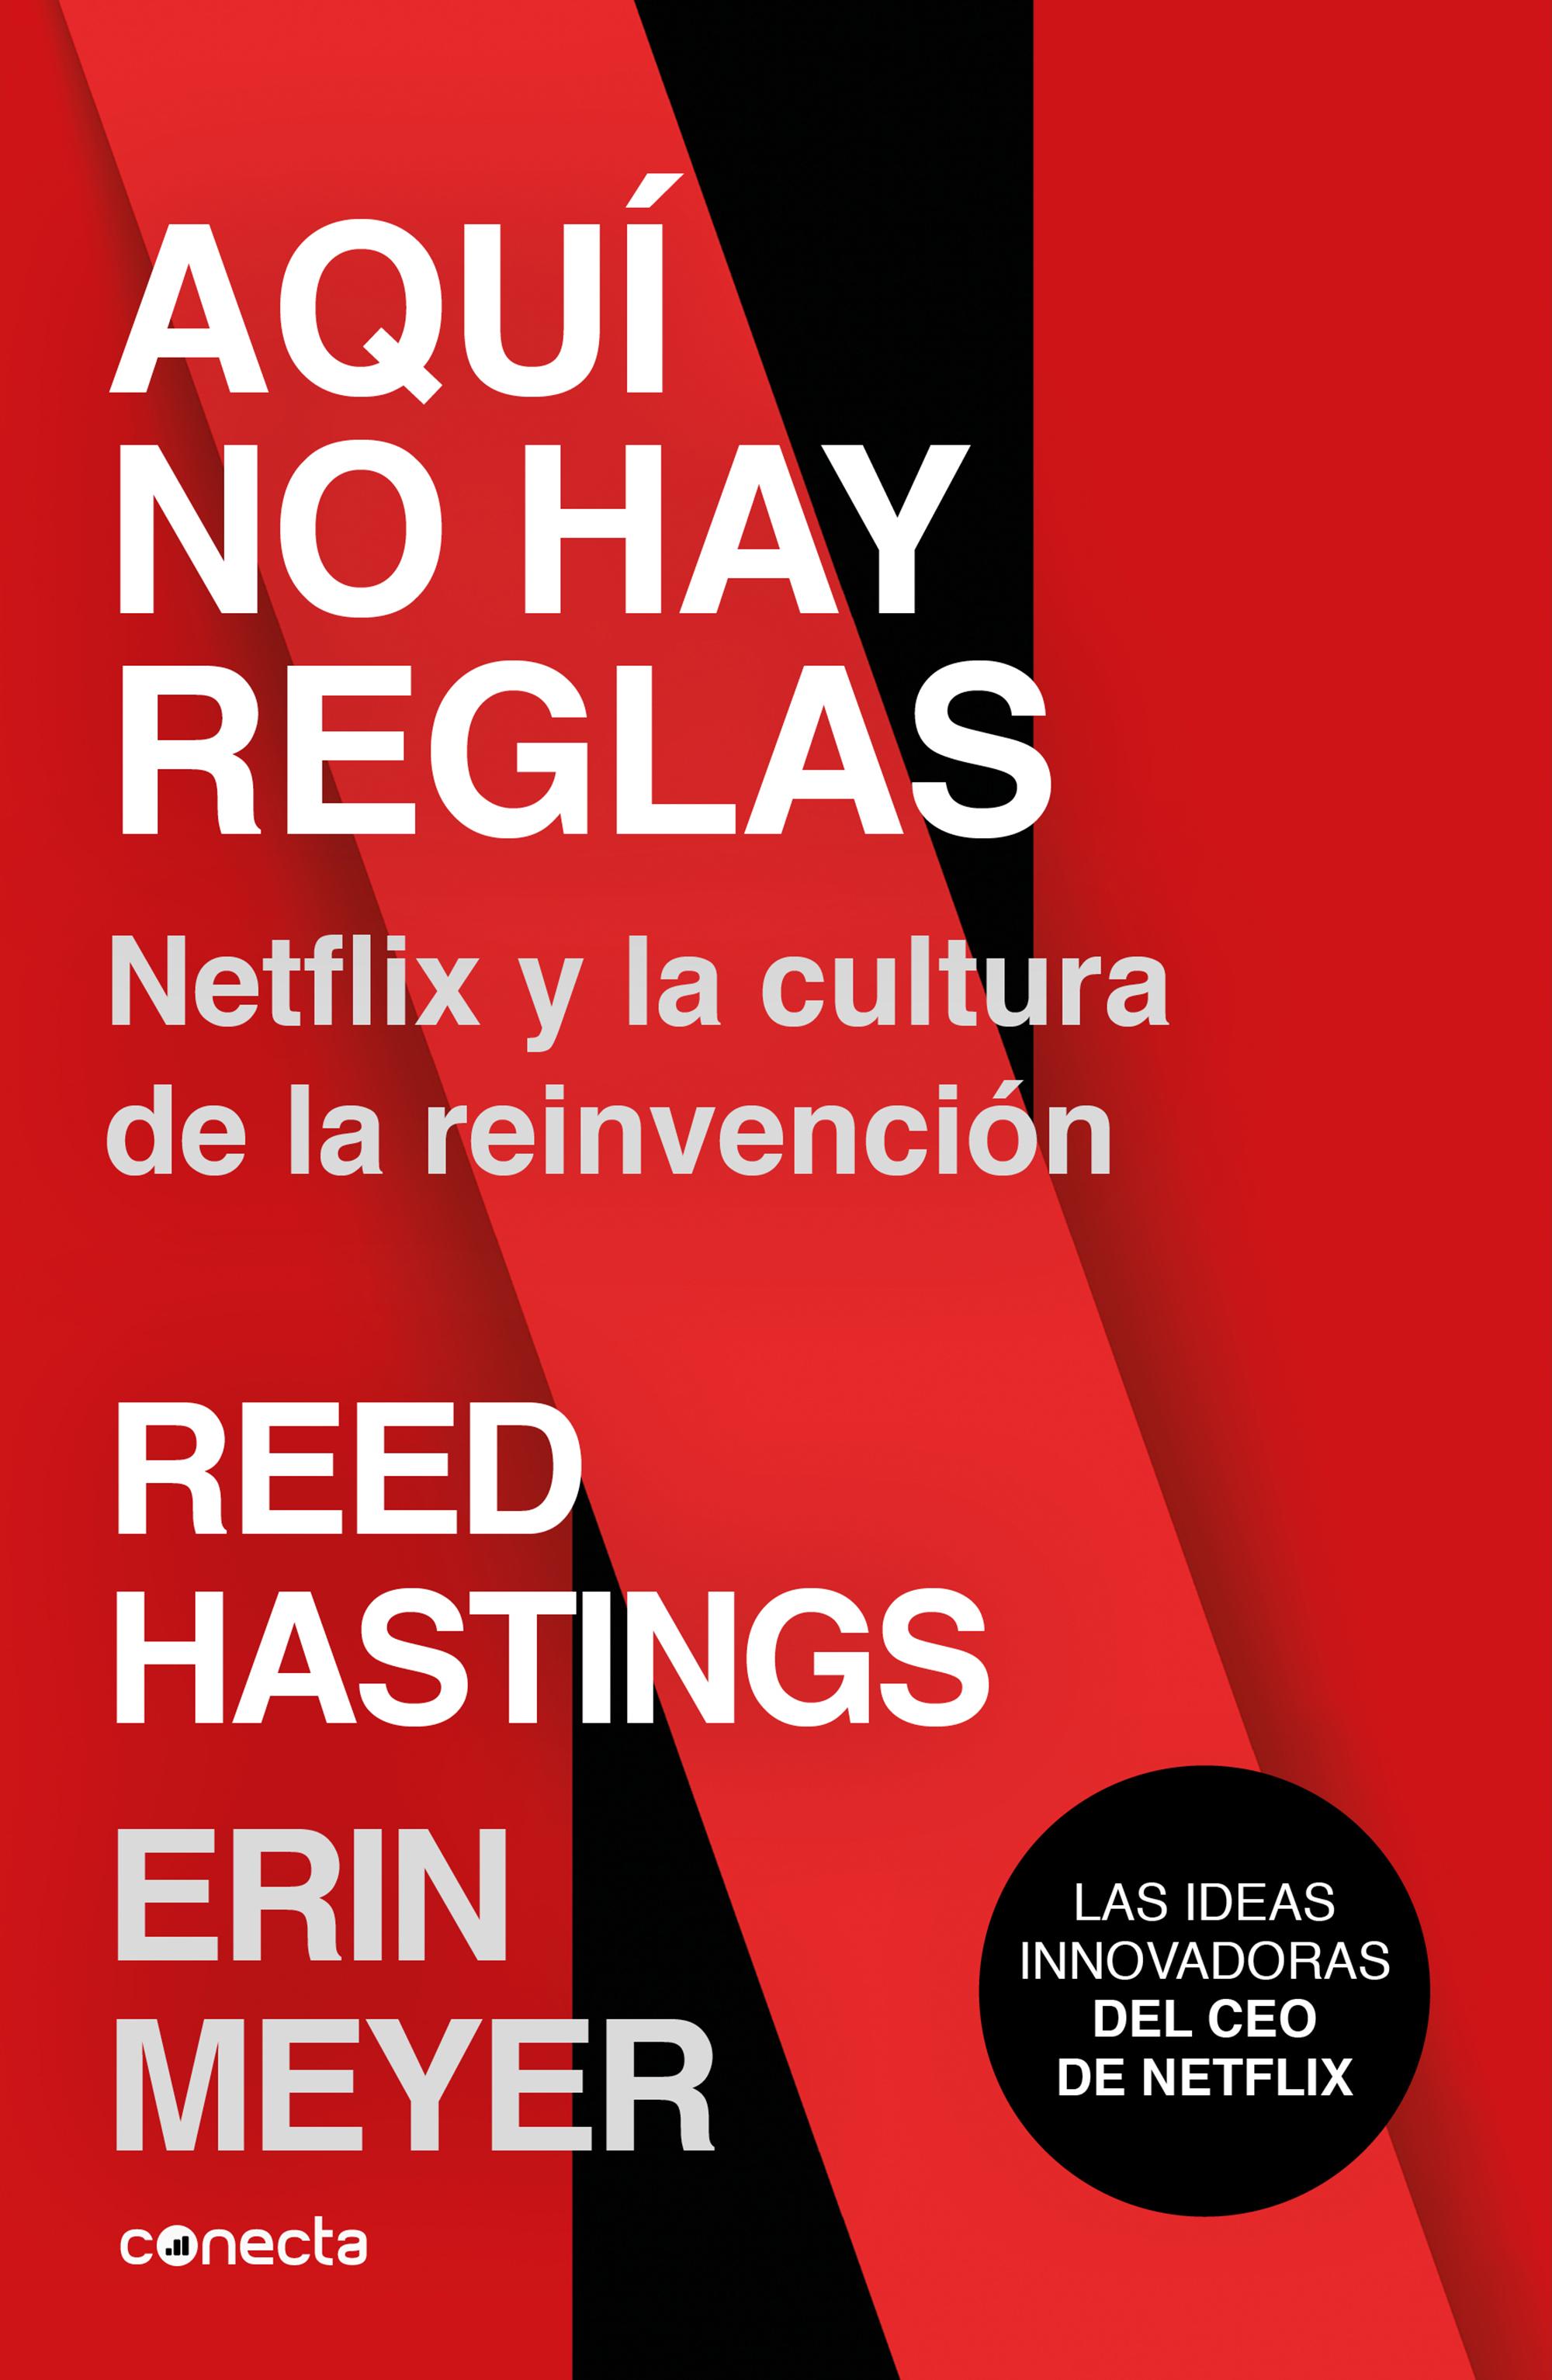 Aquí no hay reglas Netflix y la cultura de la reinvención